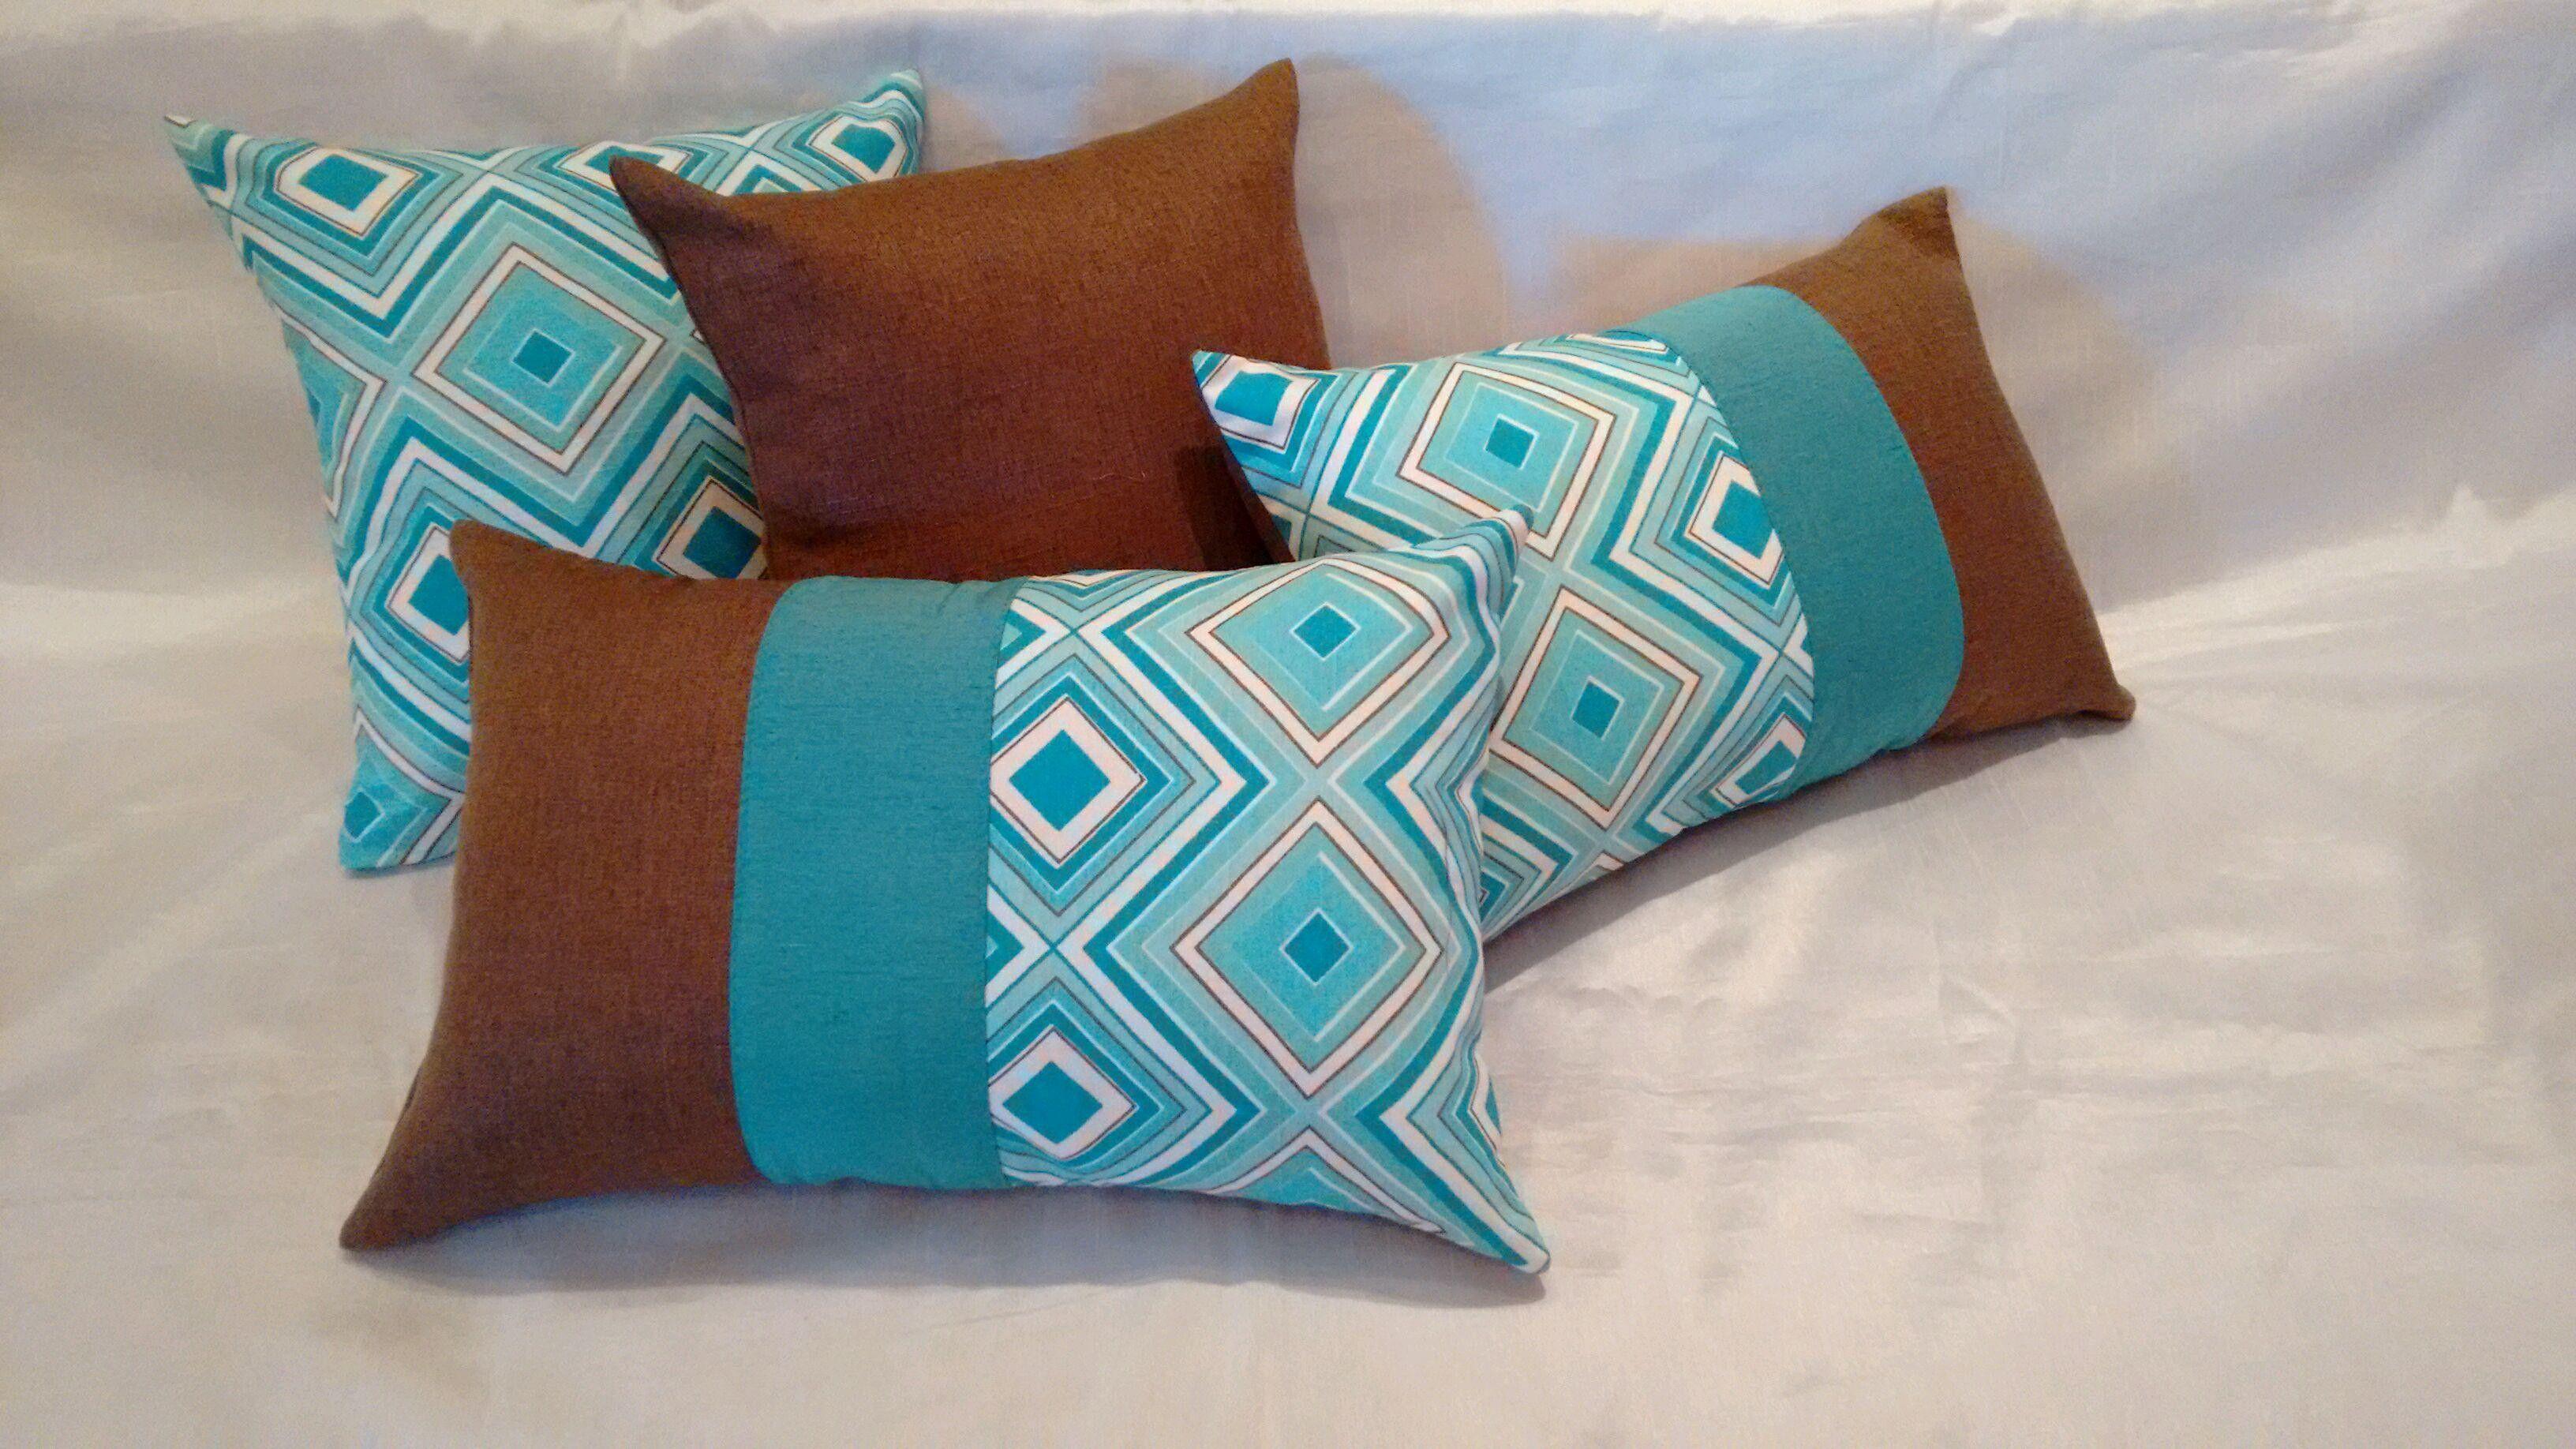 c1e434bb5 Bem-vindo ao Design Of Kit almofadas decorativas composê azul turquesa 4  Pcs e preço artigo. Nesta publicação